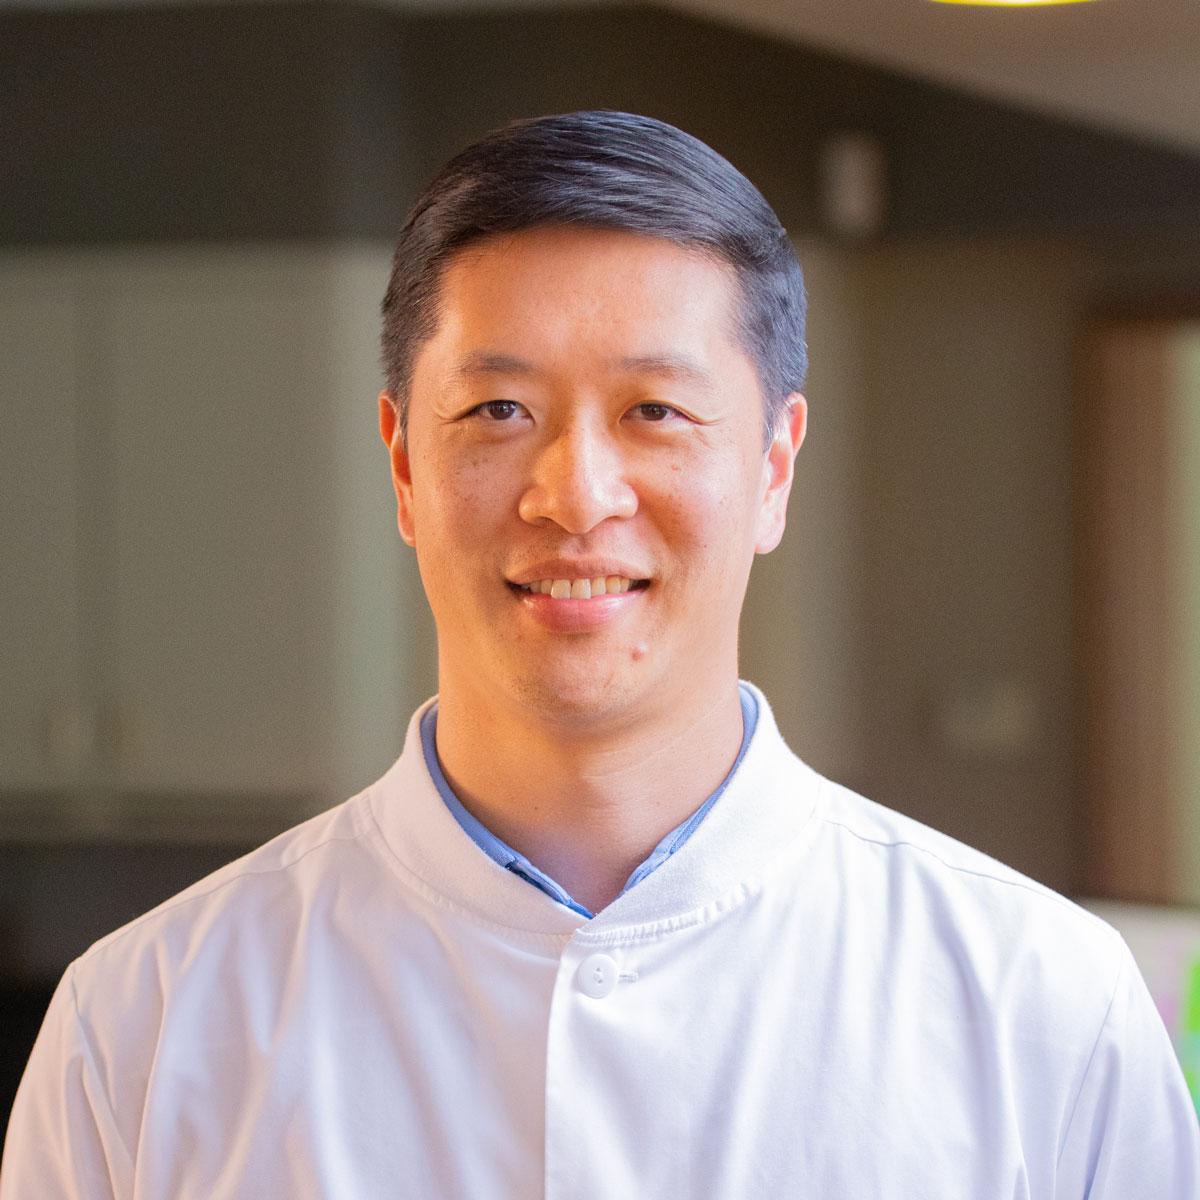 Dr. Tsai Photo